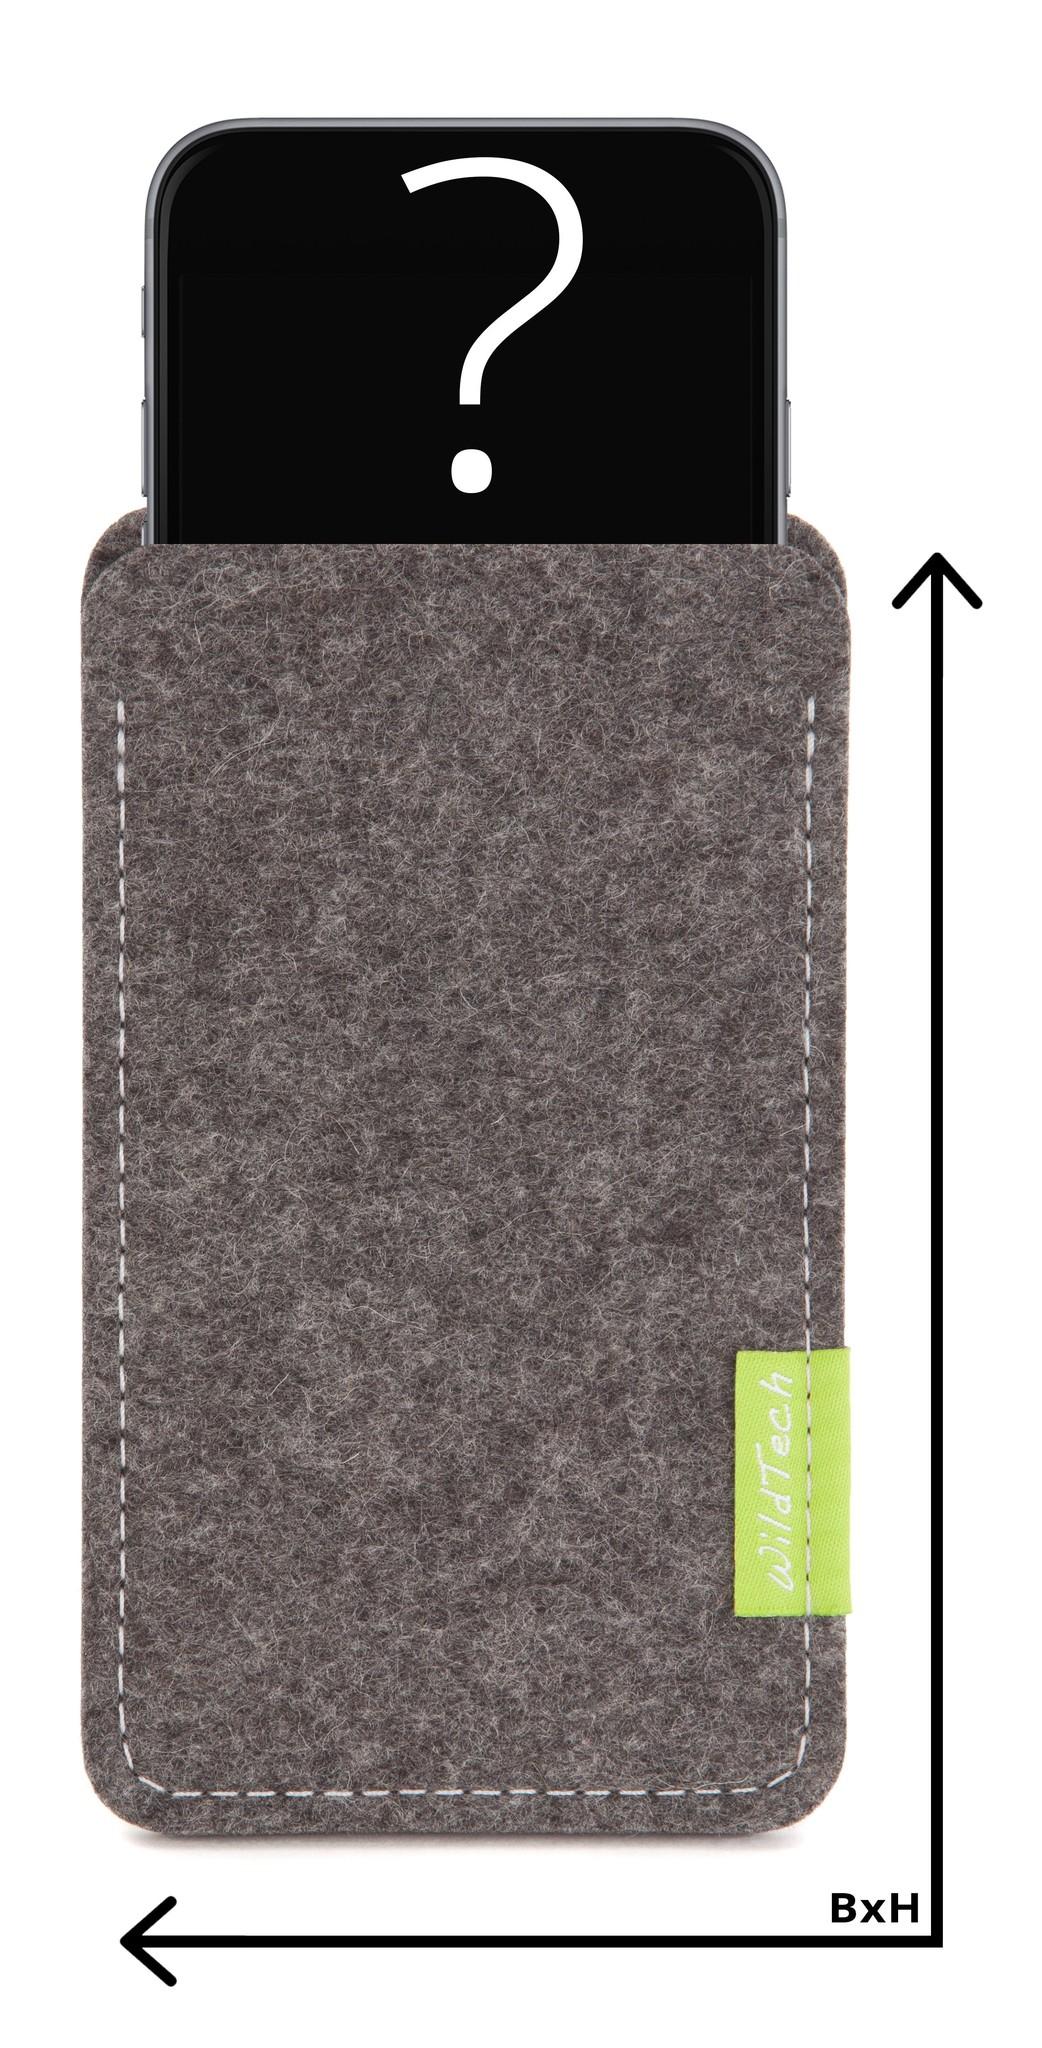 Individuelles Smartphone Sleeve Grau-1